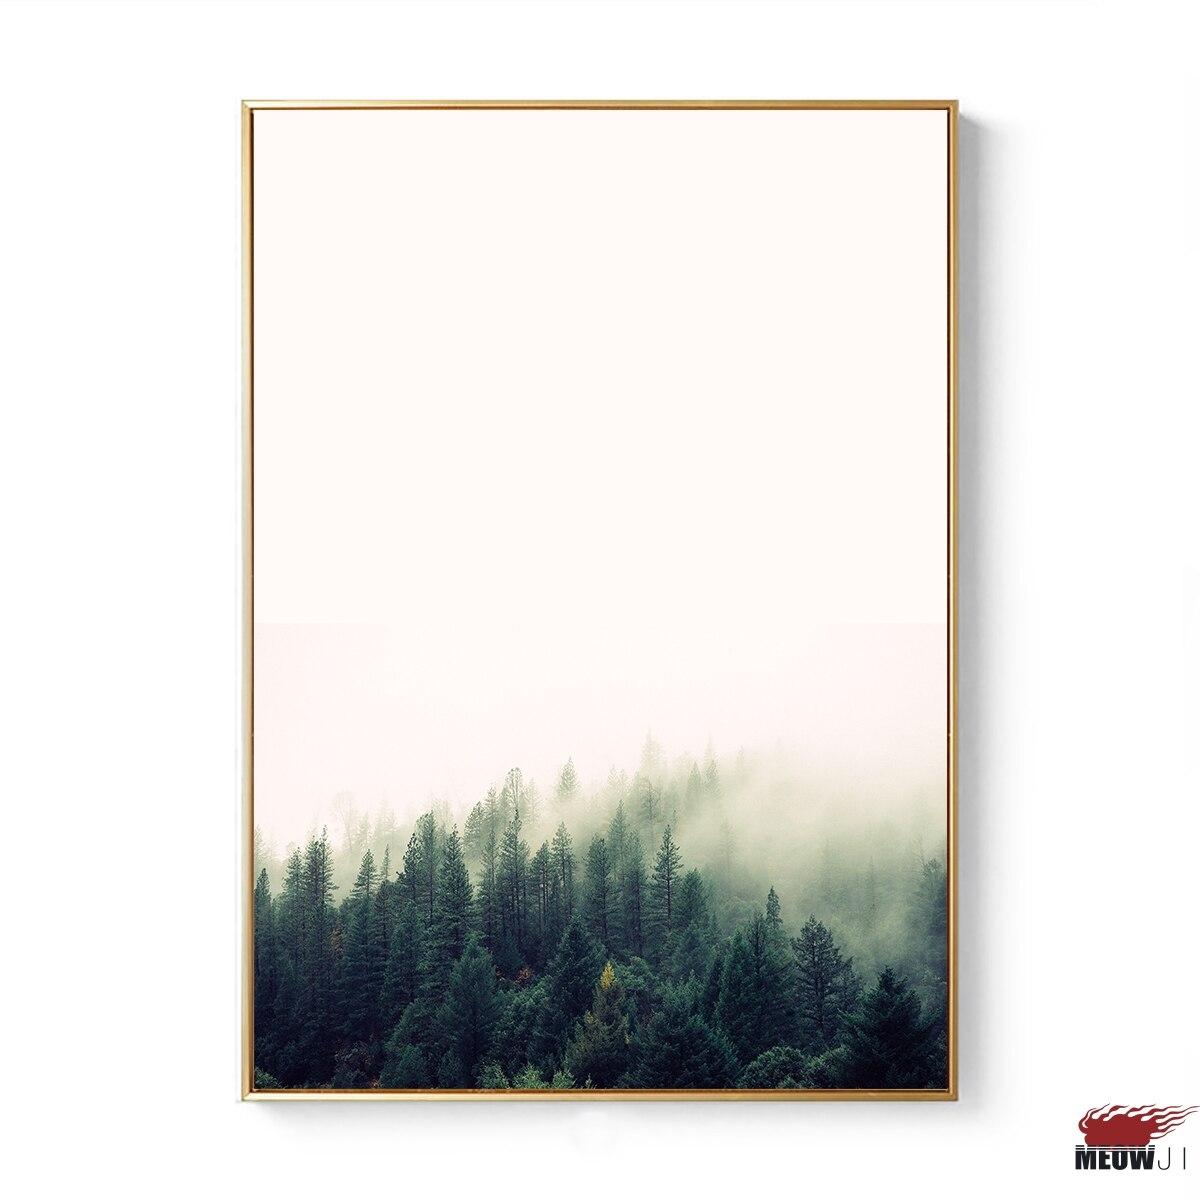 2086163abd0 Posters Wall Art Gedrukt Canvas Schilderij Voor Woonkamer Nordic Decoratie Zwart  wit Strand Oceaan Zee Muur Decor Foto in Posters Wall Art Gedrukt Canvas ...